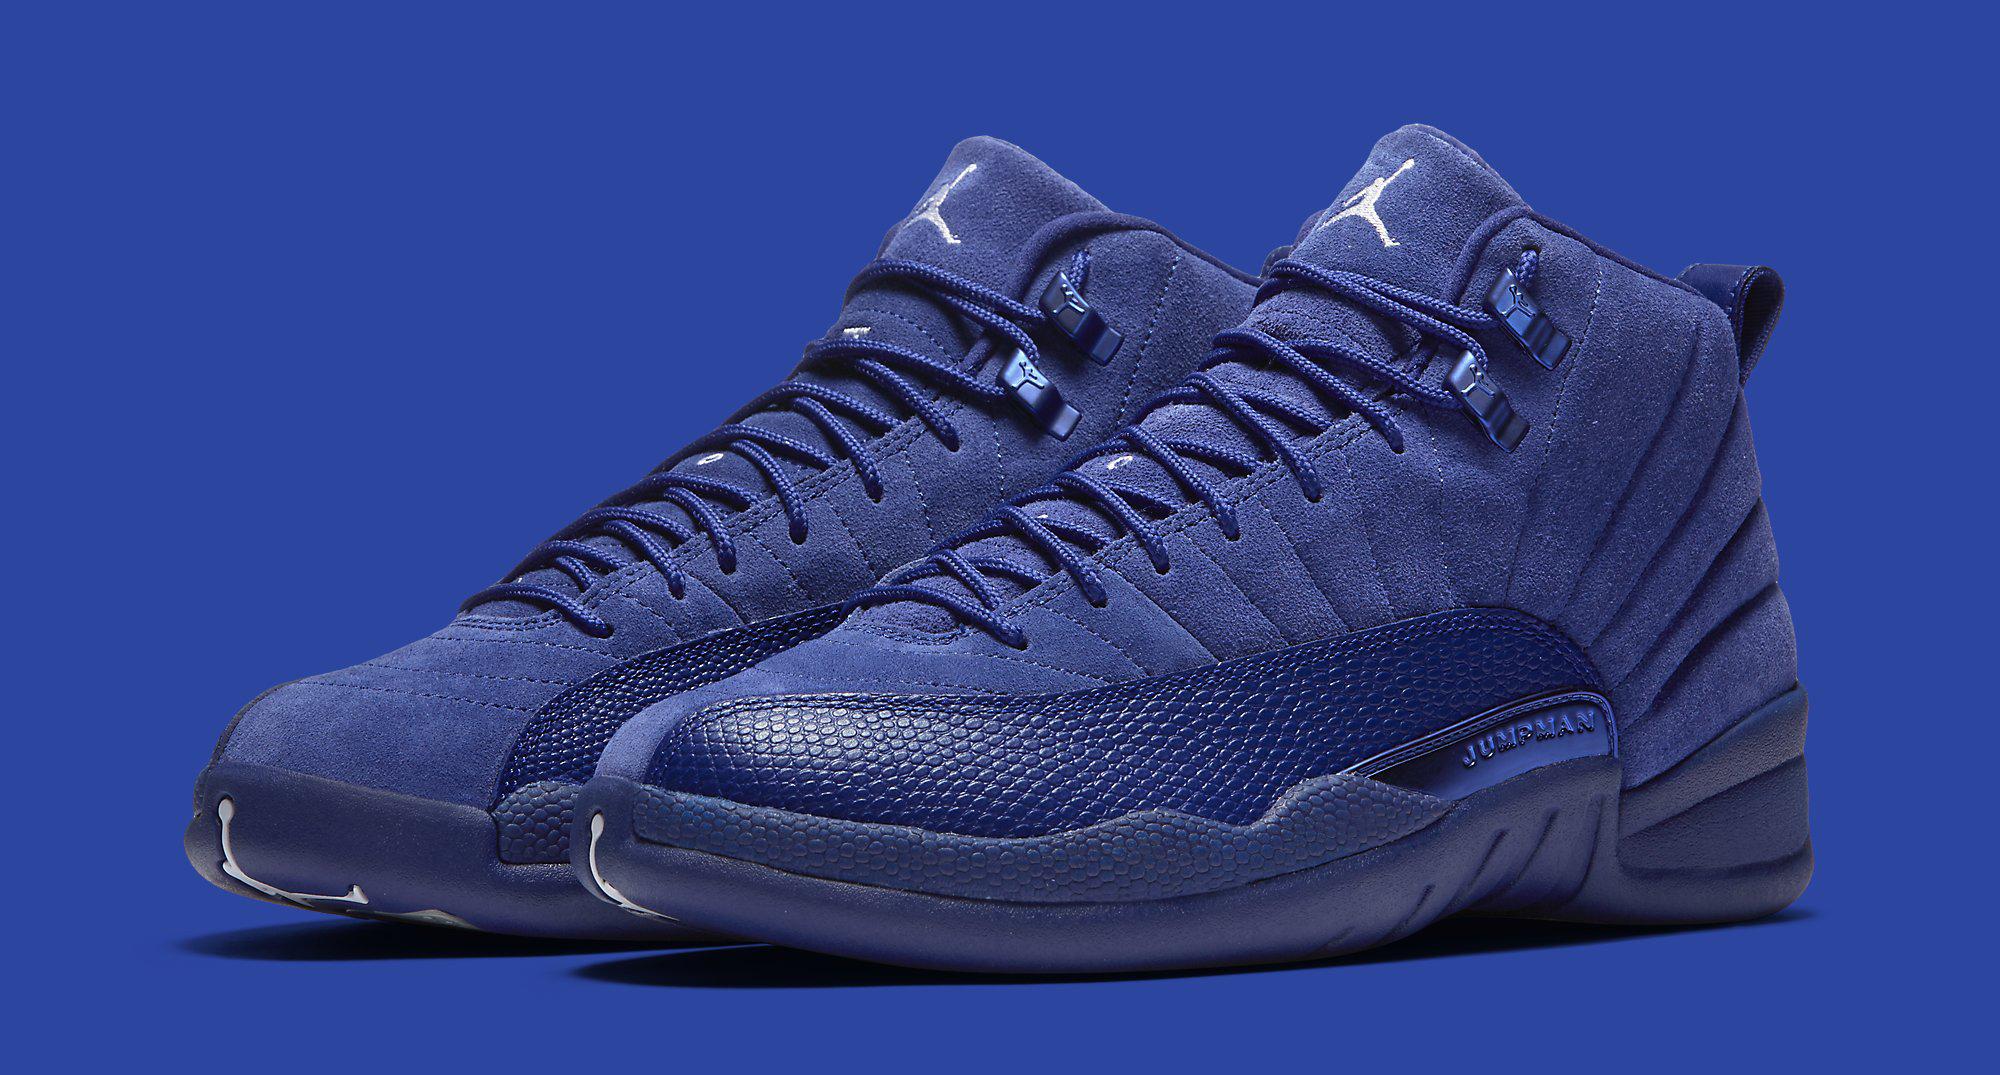 Blue Jordan 12 Pair